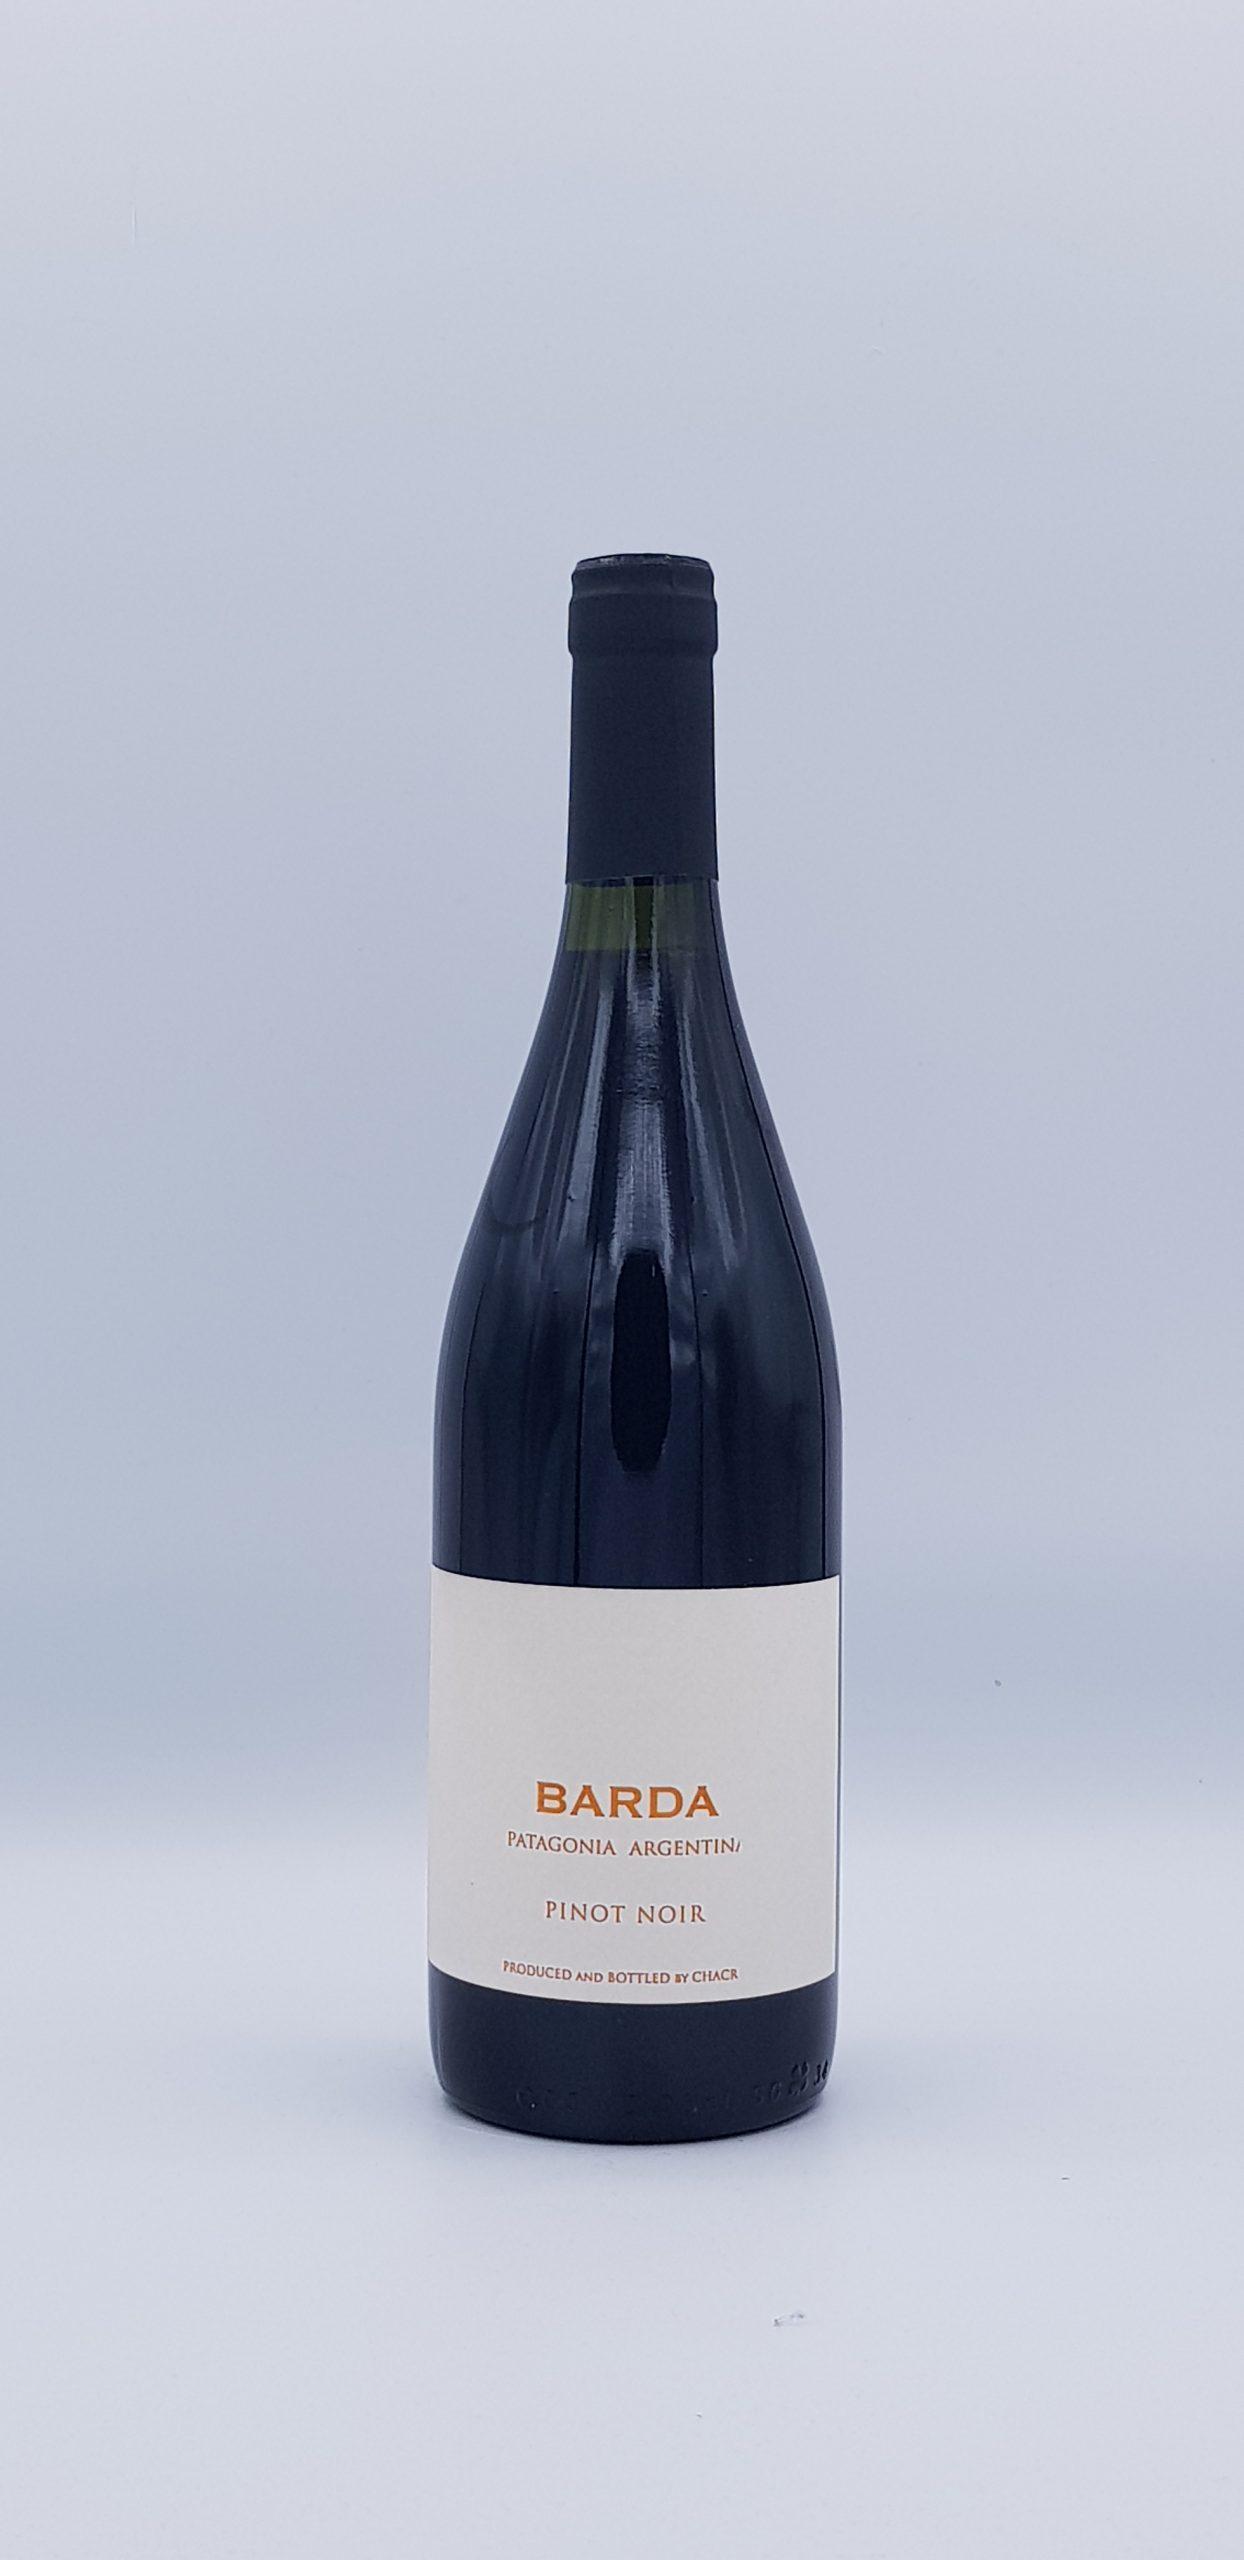 Barda 2016 Pinot Noir Bodega Chacra Patagonia